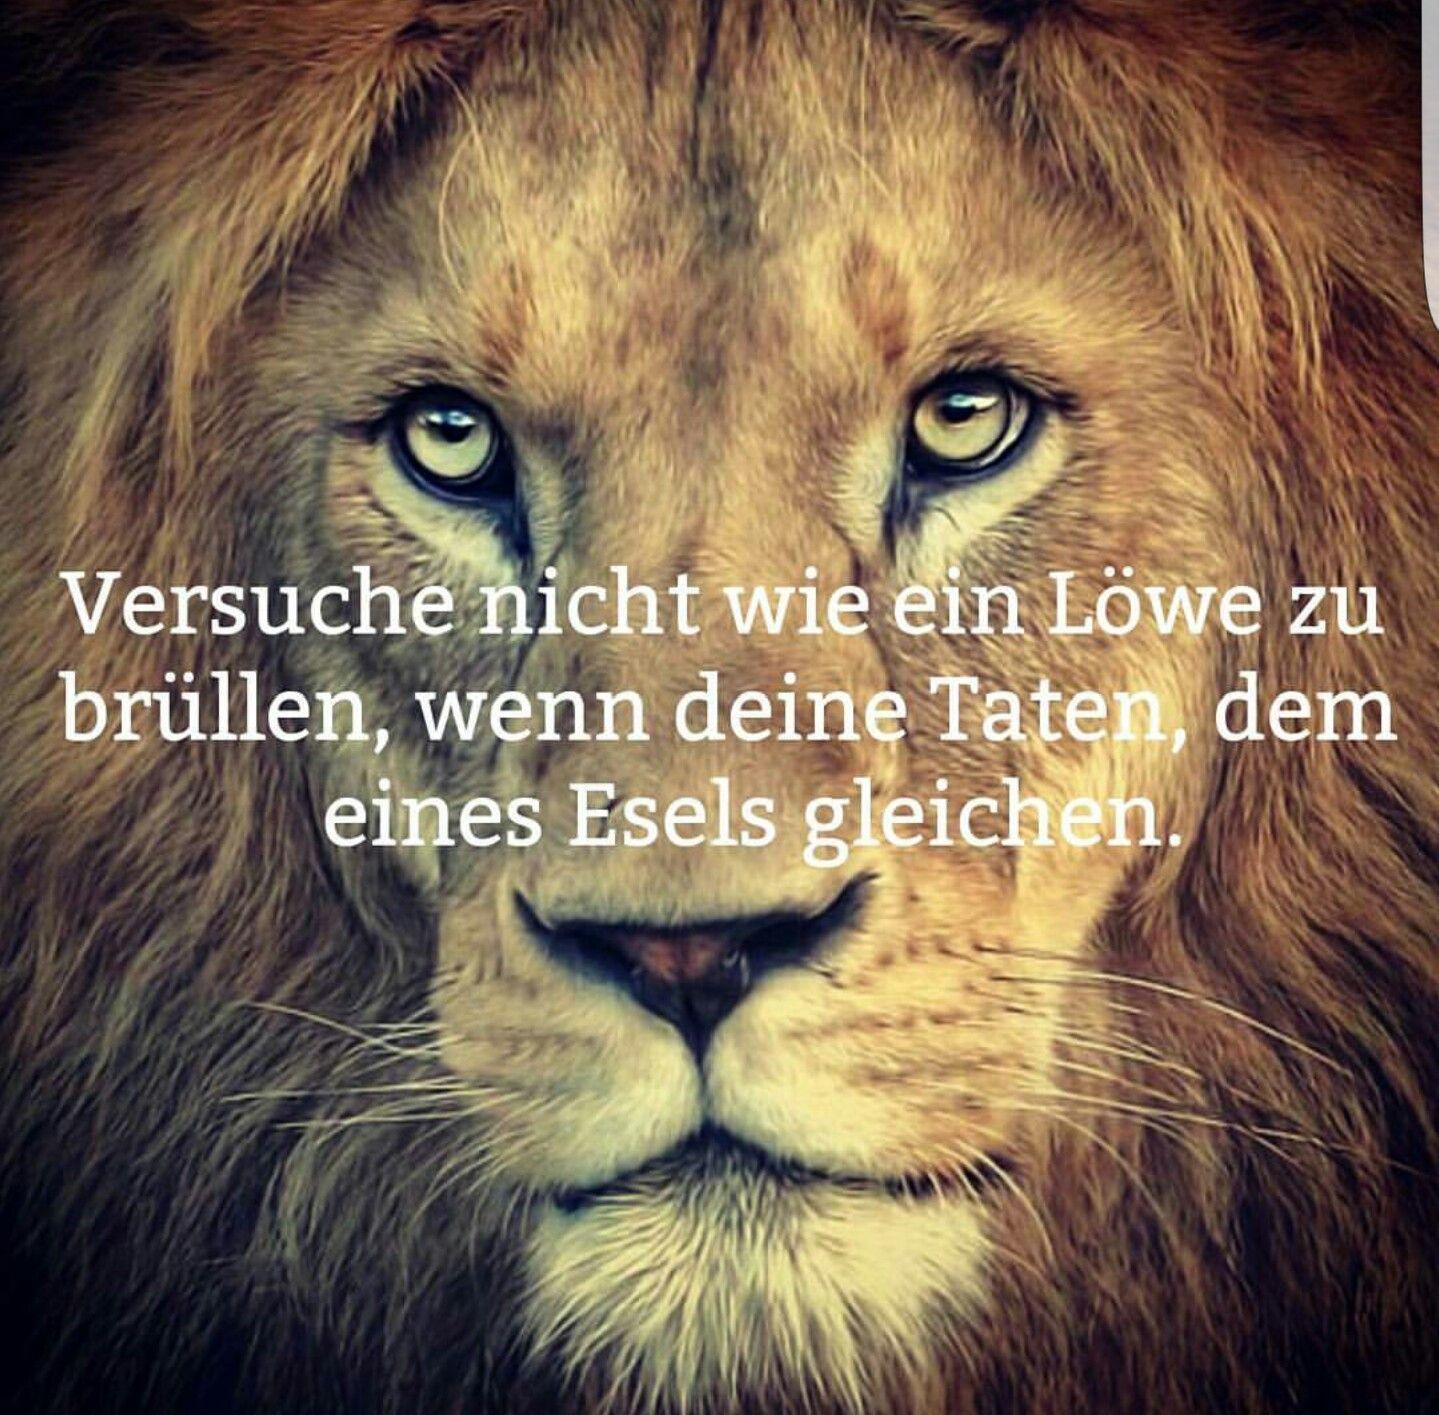 sprüche über löwen Versuche nicht wie ein #Löwe zu brüllen., | Zitat | Lion quotes  sprüche über löwen